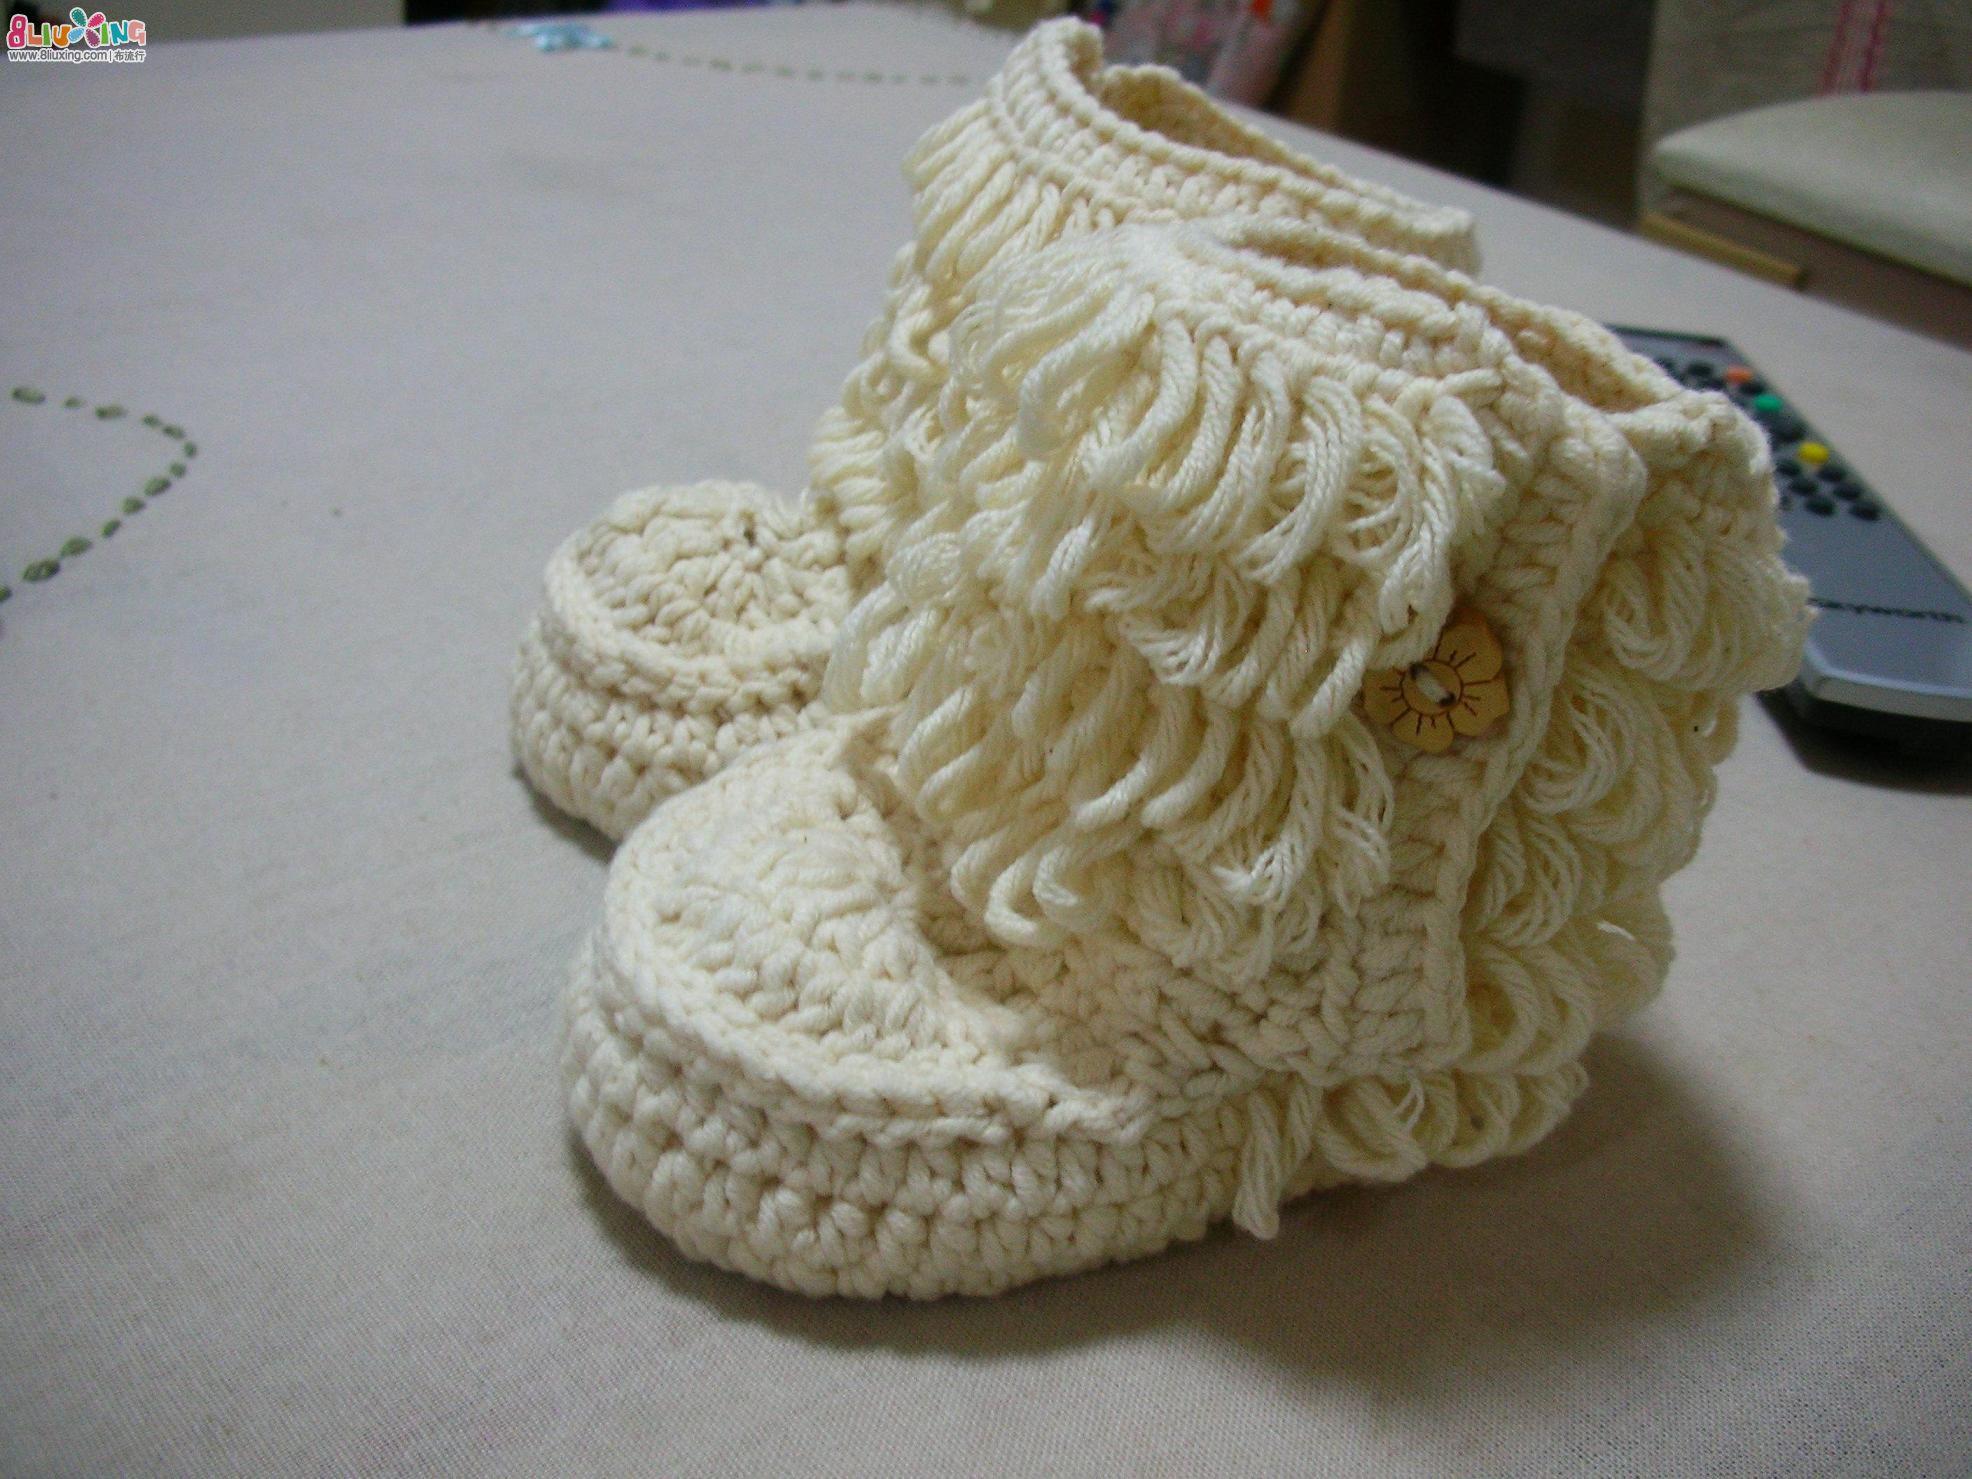 给宝宝的爱-2011年钩针学习总结可爱的绣花鞋,小披风等